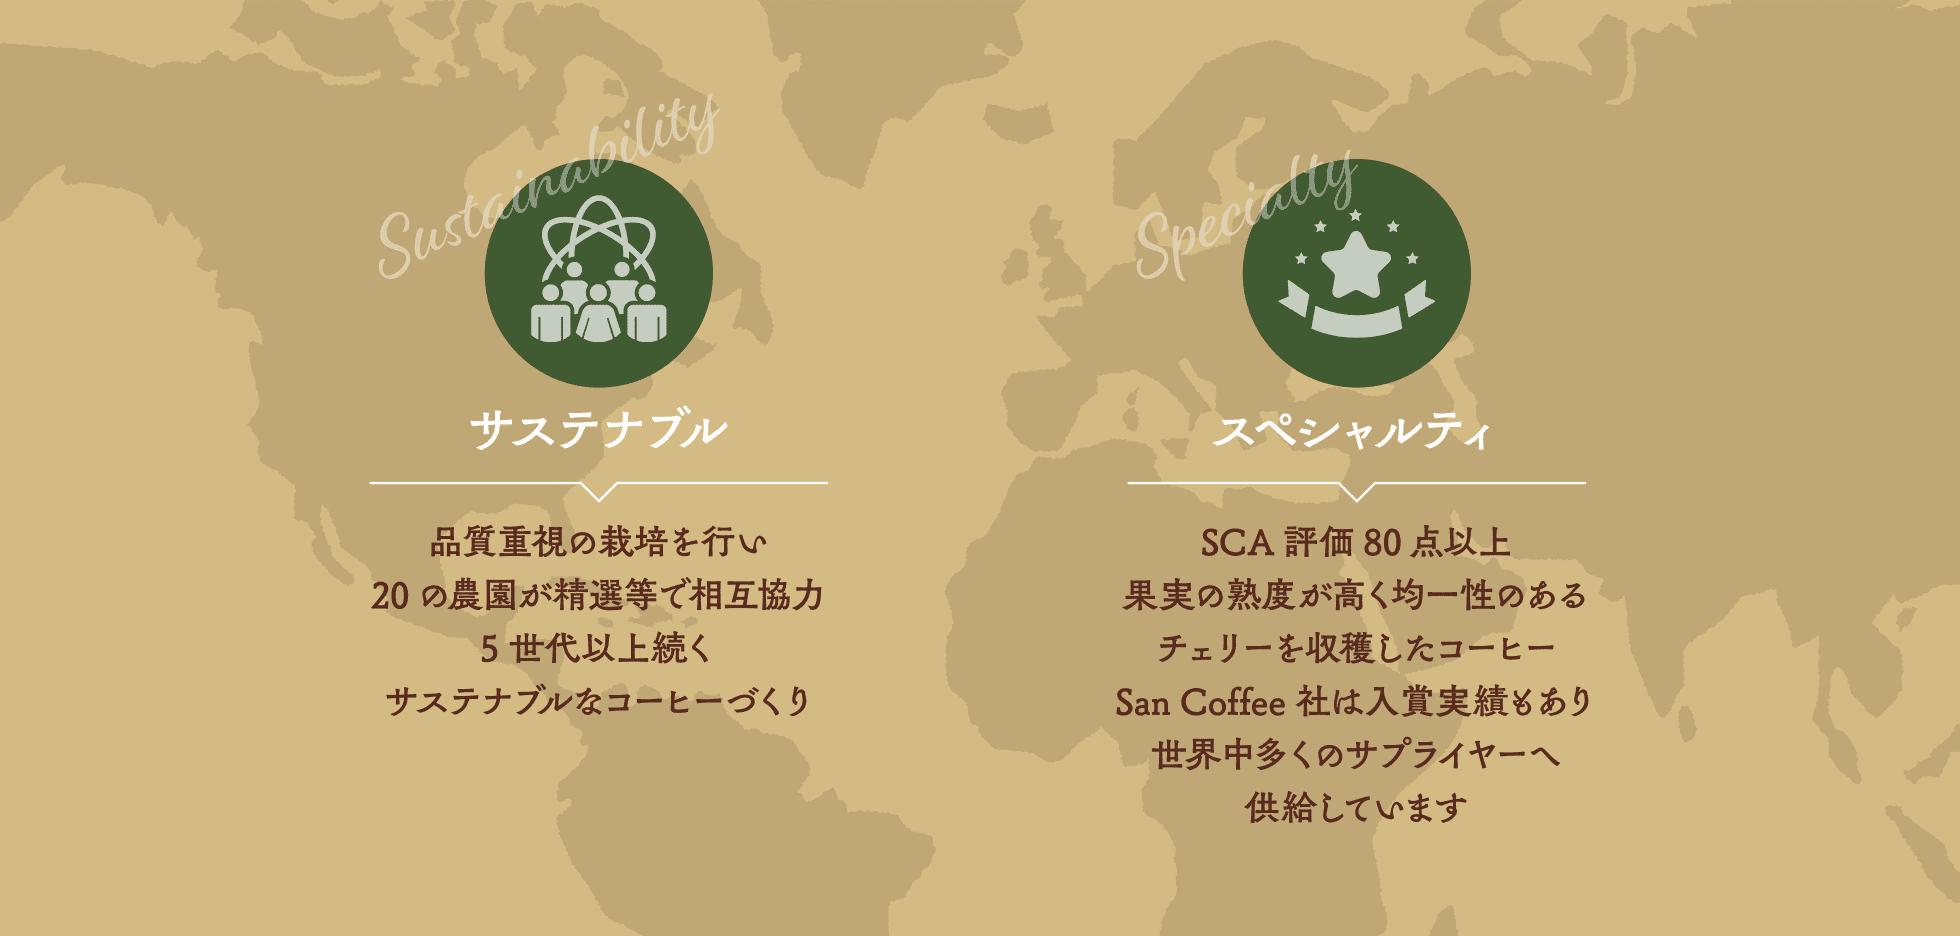 サステナブル/スペシャルティ